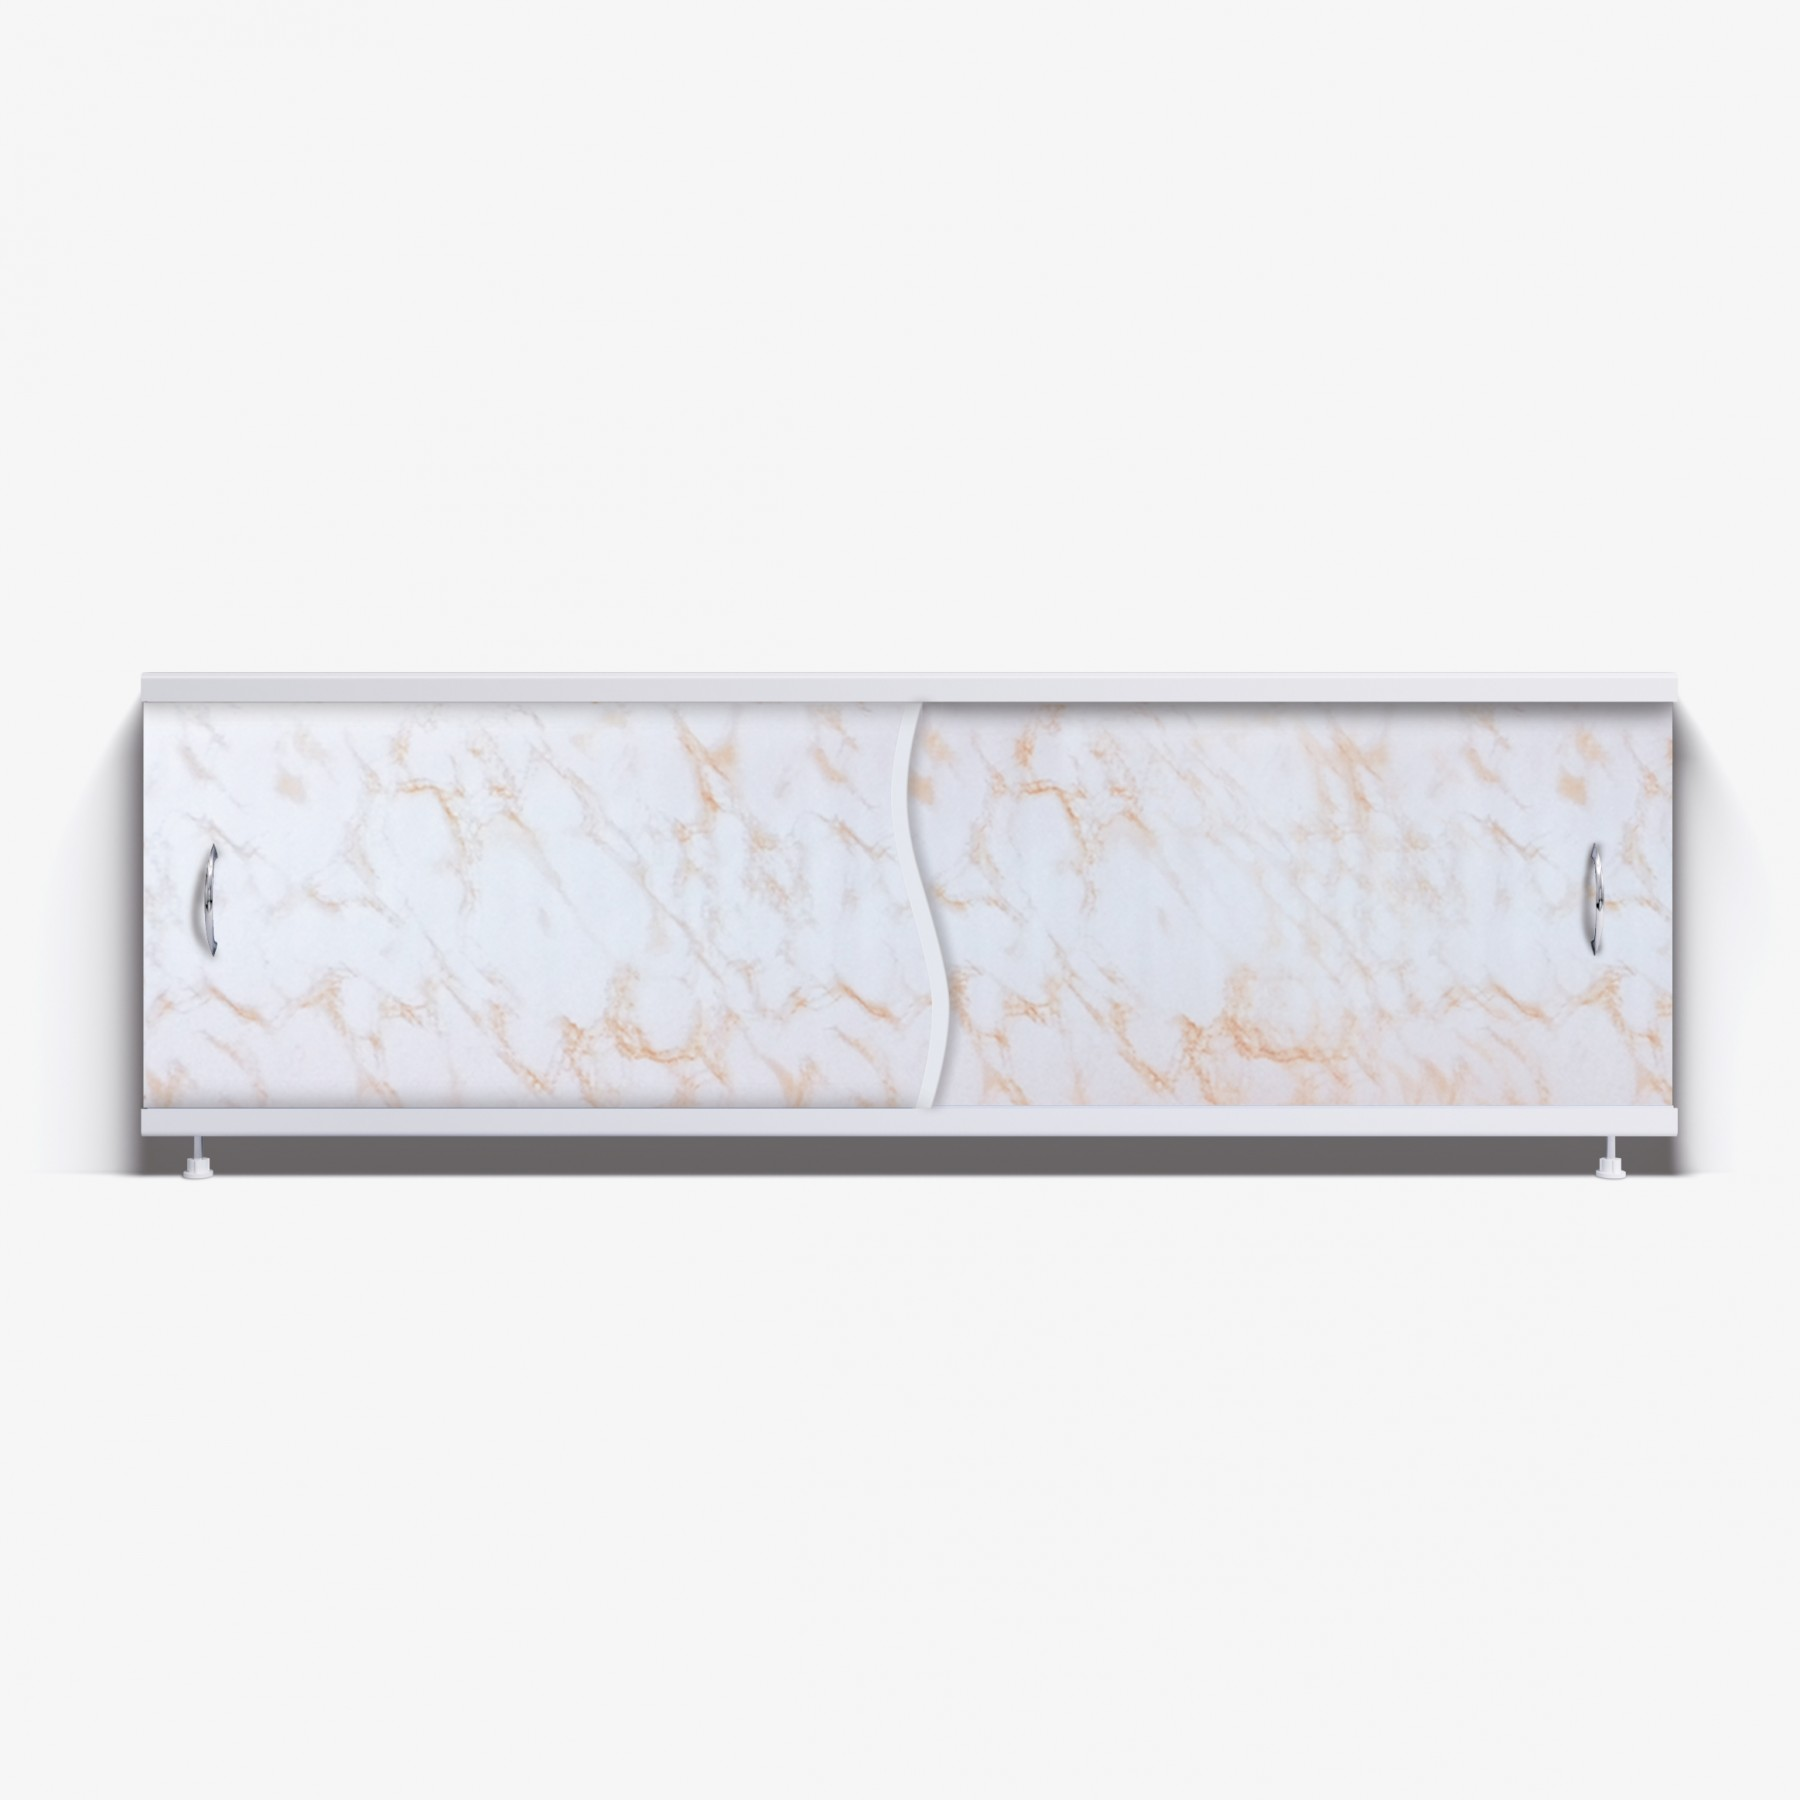 Экран под ванну Премьер 150 коричневый камень